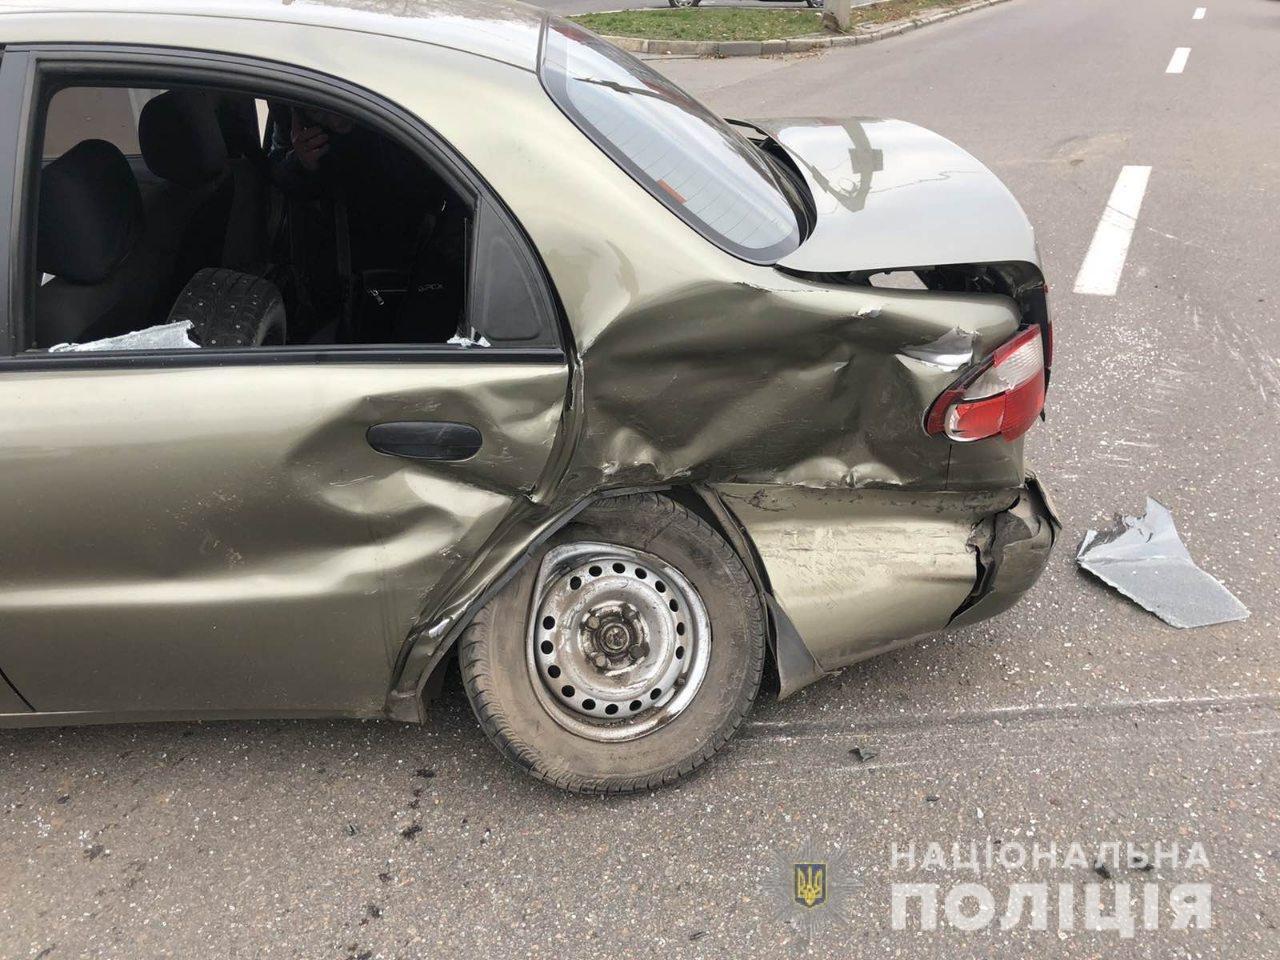 В Харькове внедорожник «влетел» в легковой автомобиль: пострадали дети и мужчина, - ФОТО, фото-1